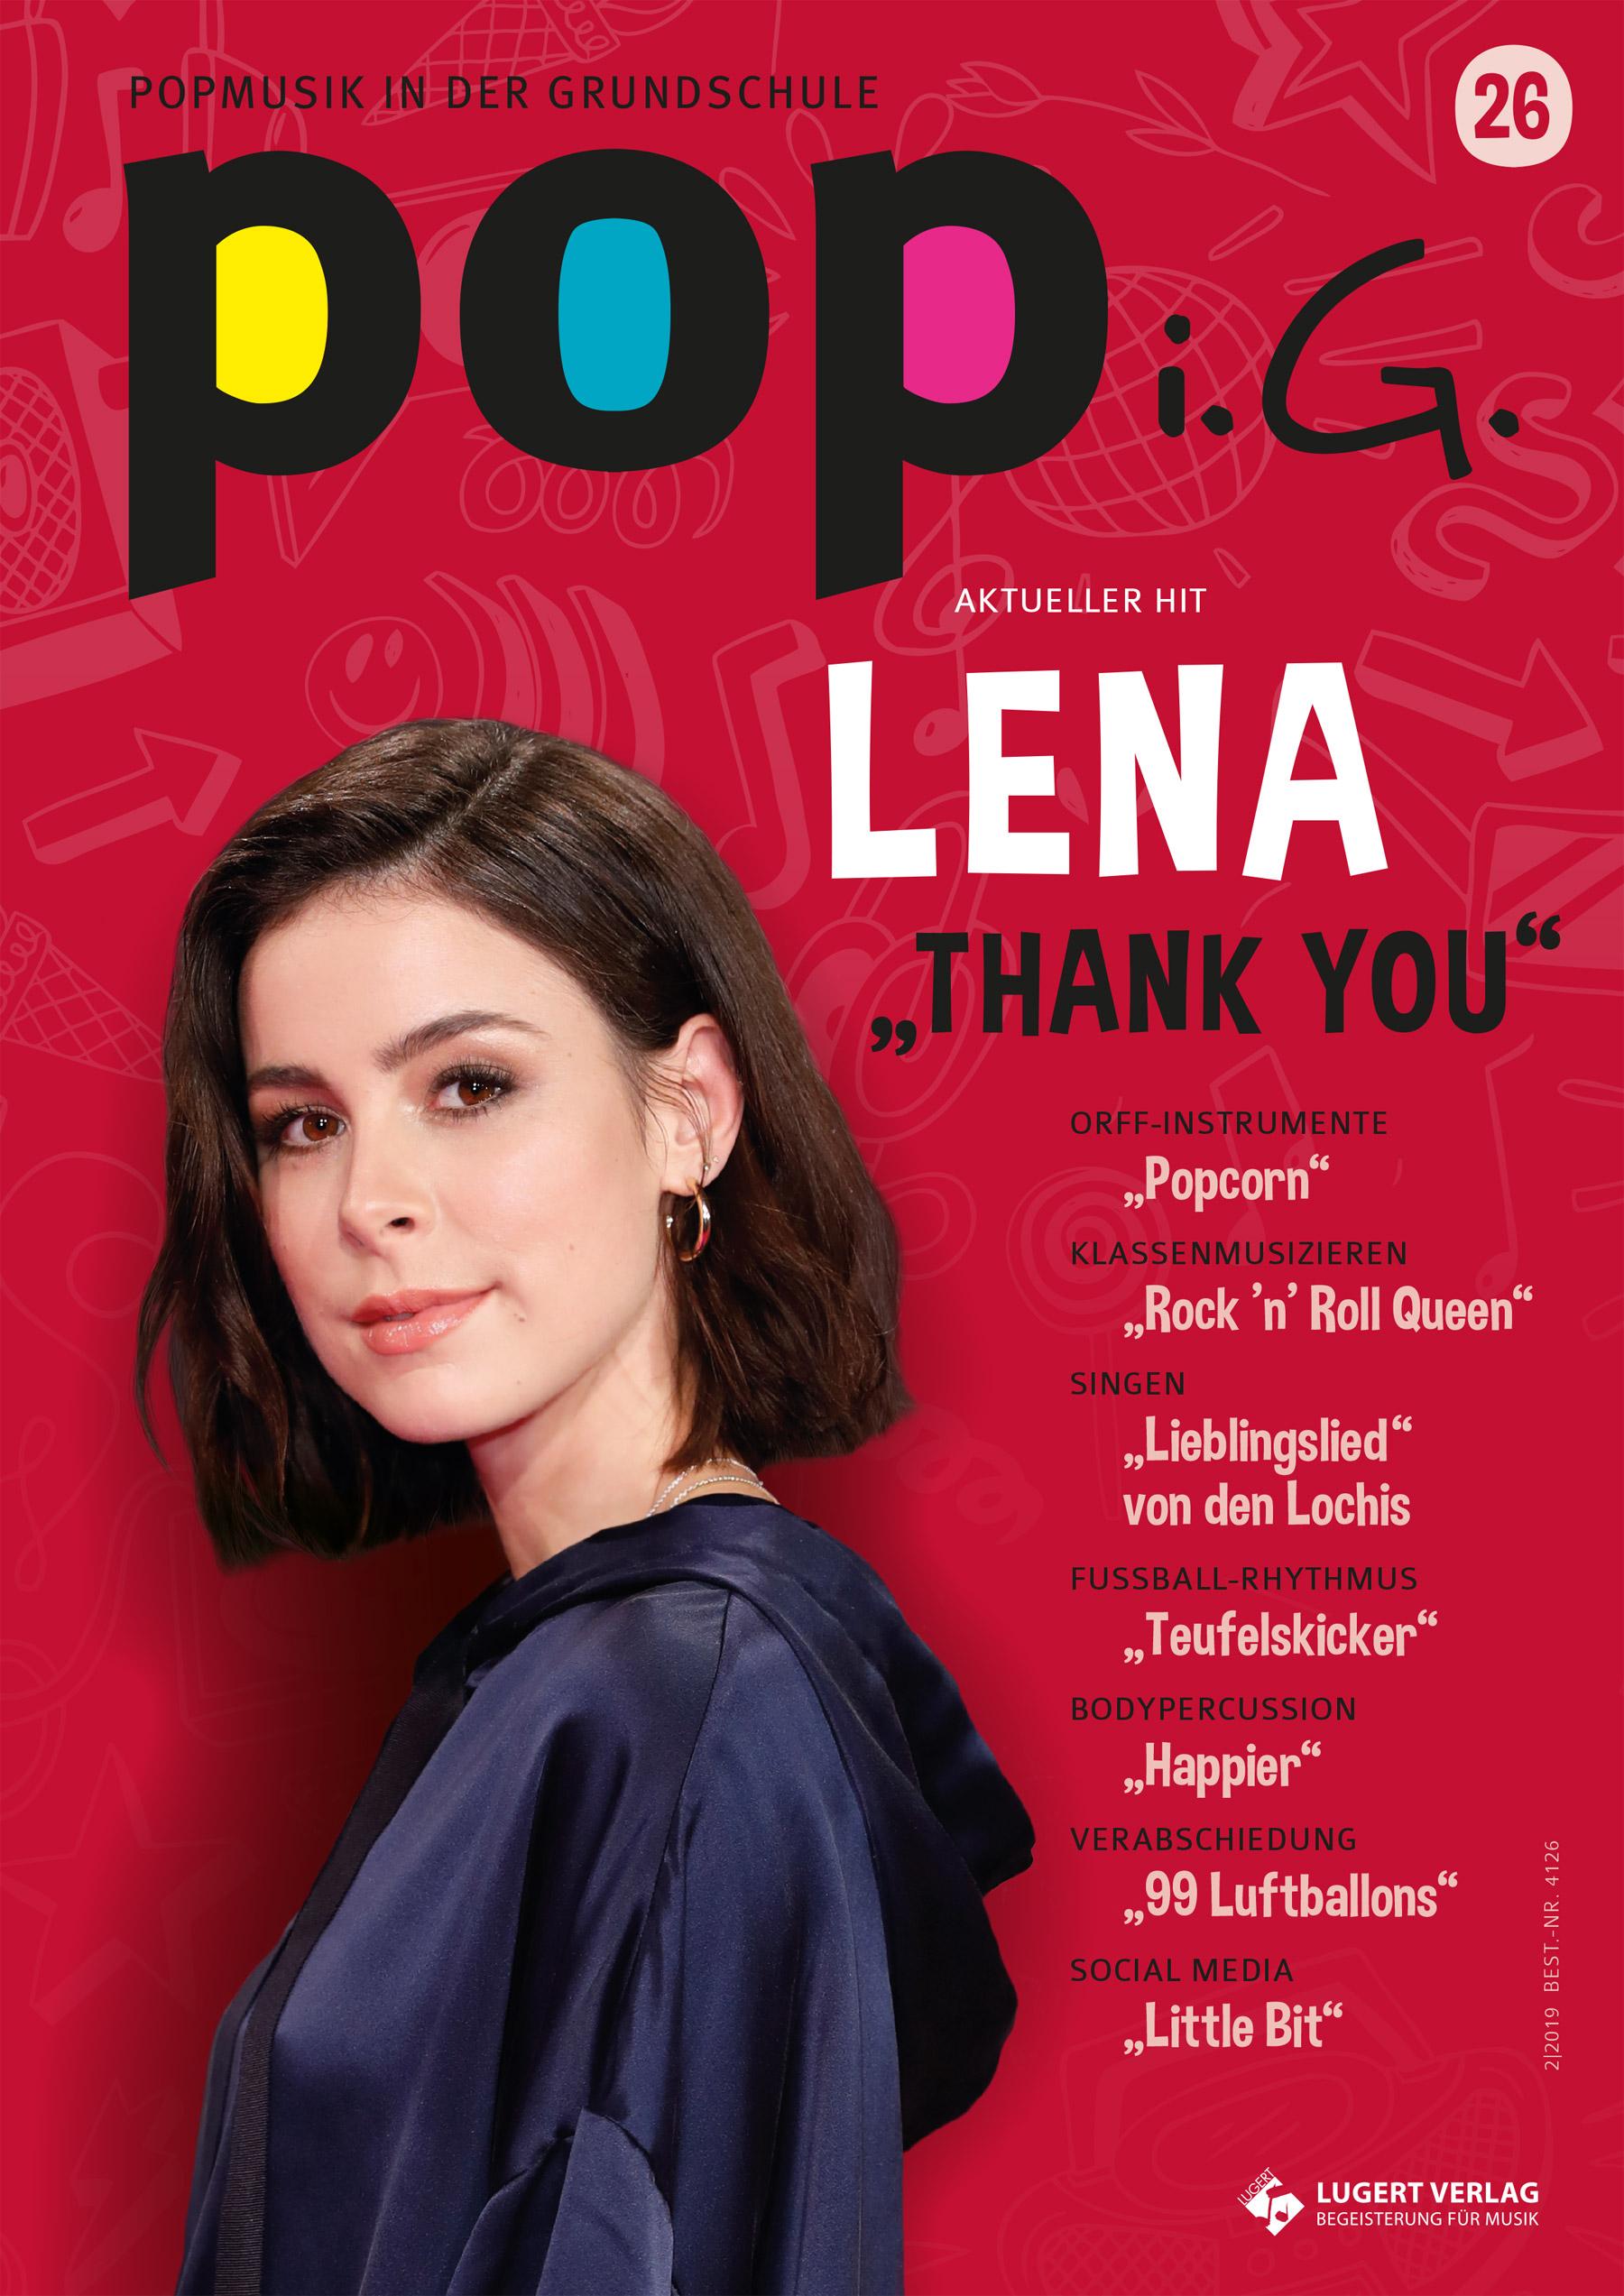 Prüfpaket Popmusik in der Grundschule: Ausgabe 26